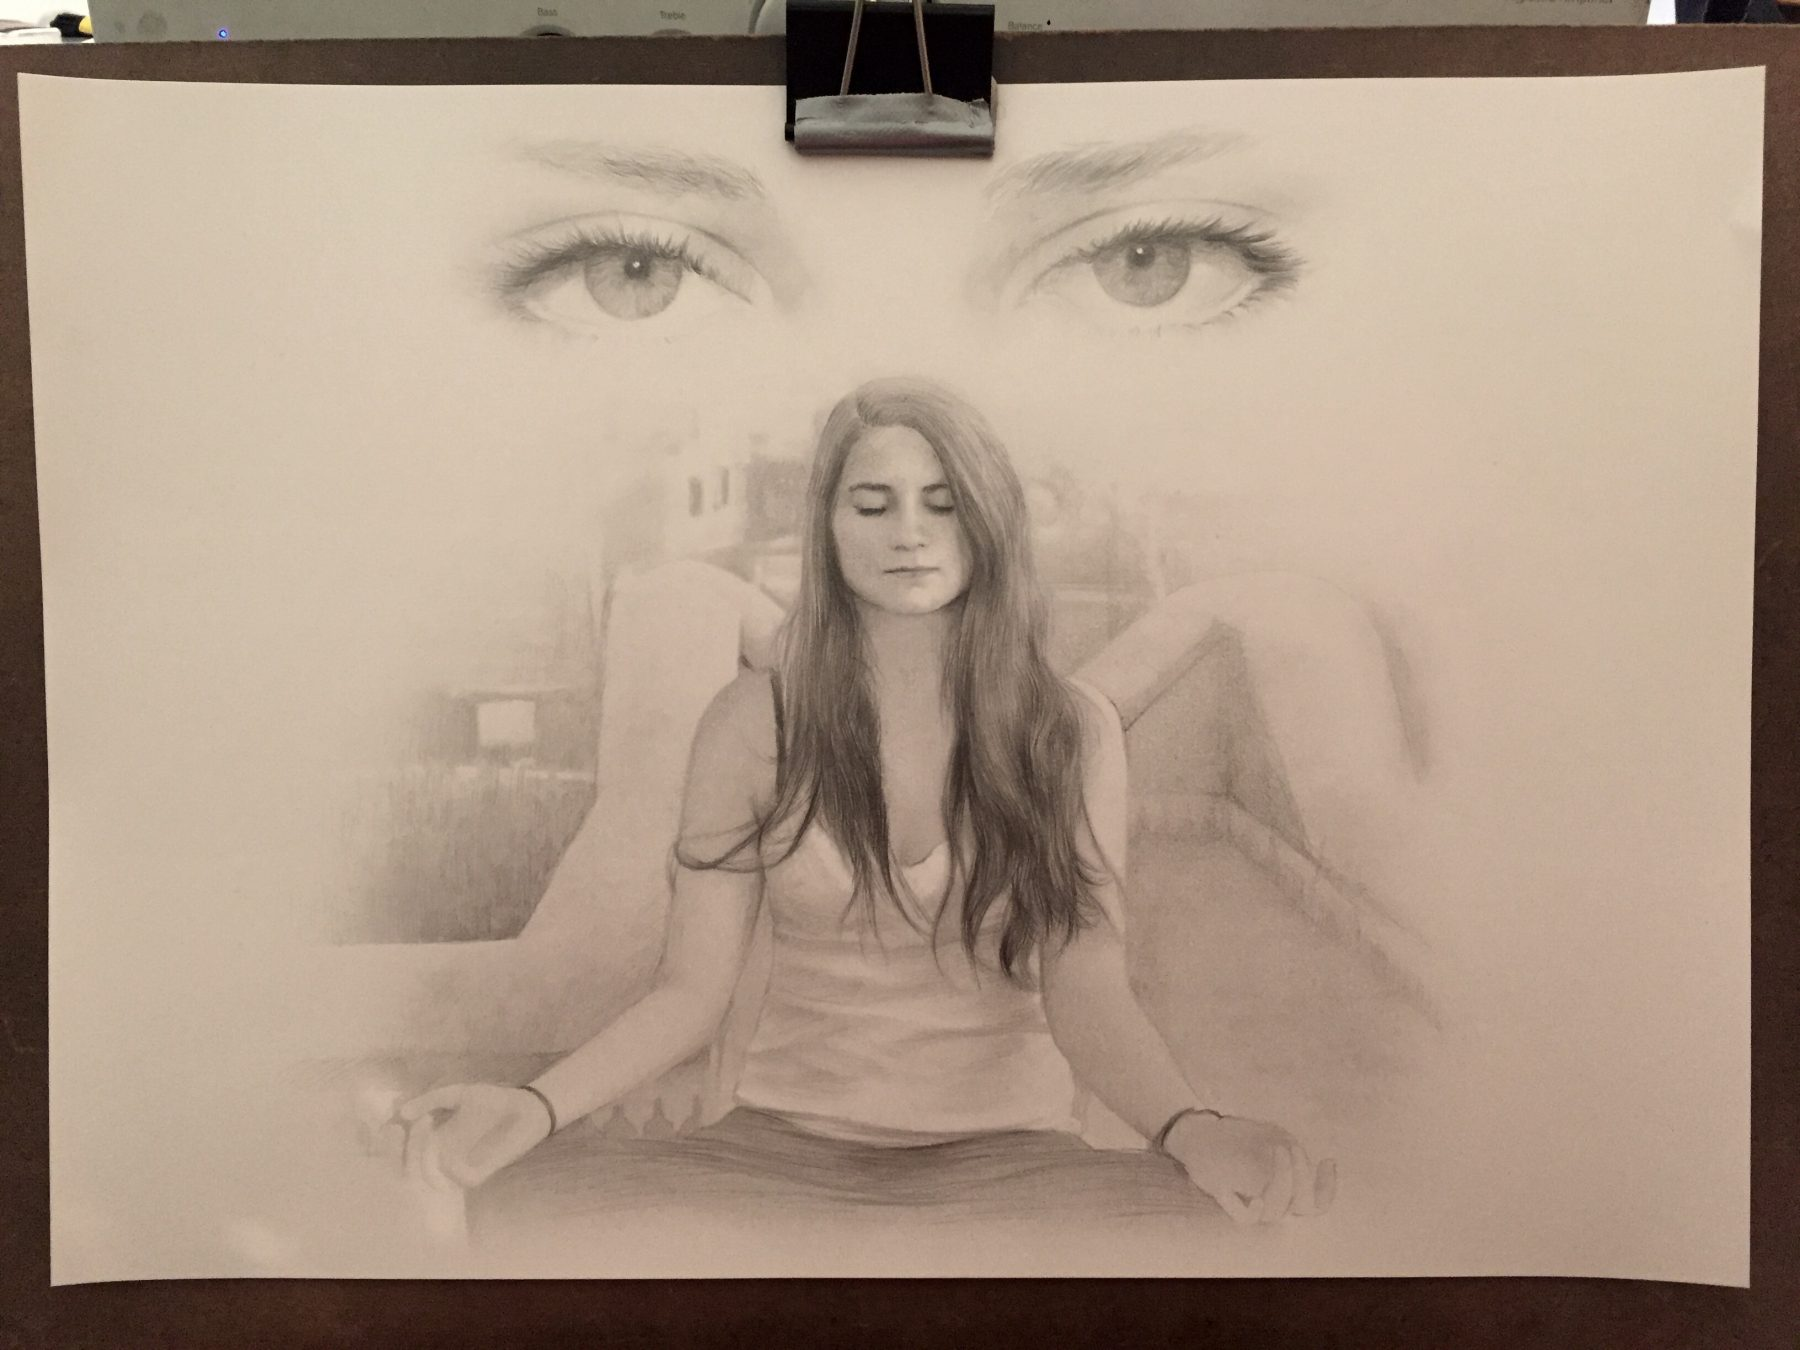 retratos-por-encargo-104-e1488869437139